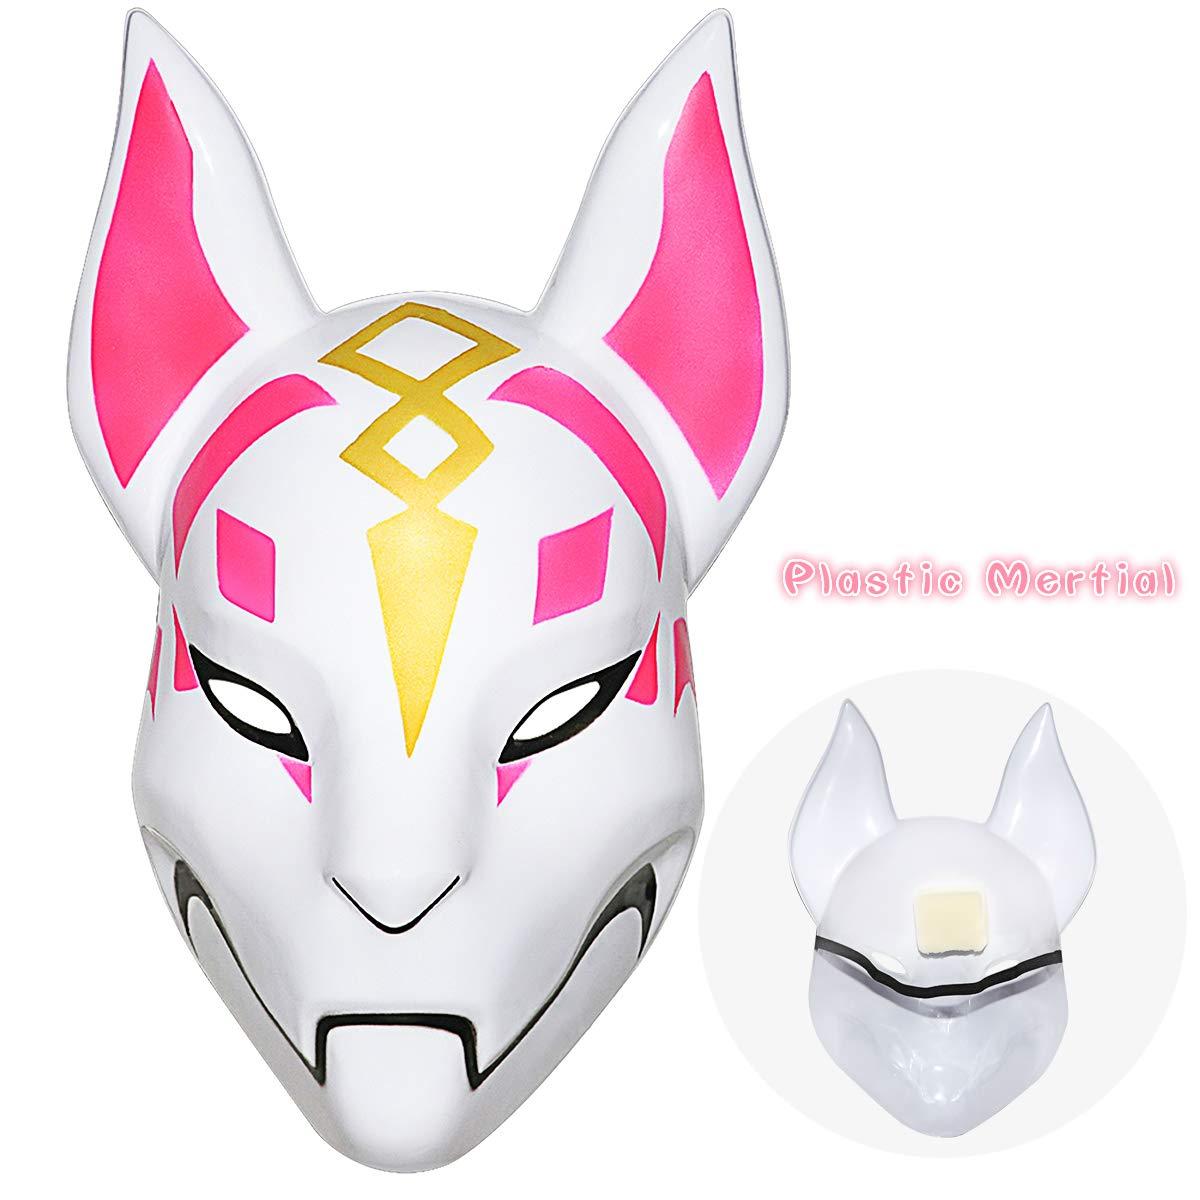 Fortnite Fox Mask Helmet Halloween mask Fortnite Costume Cosplay mask for Halloween, Party, Christmas(Plastic)